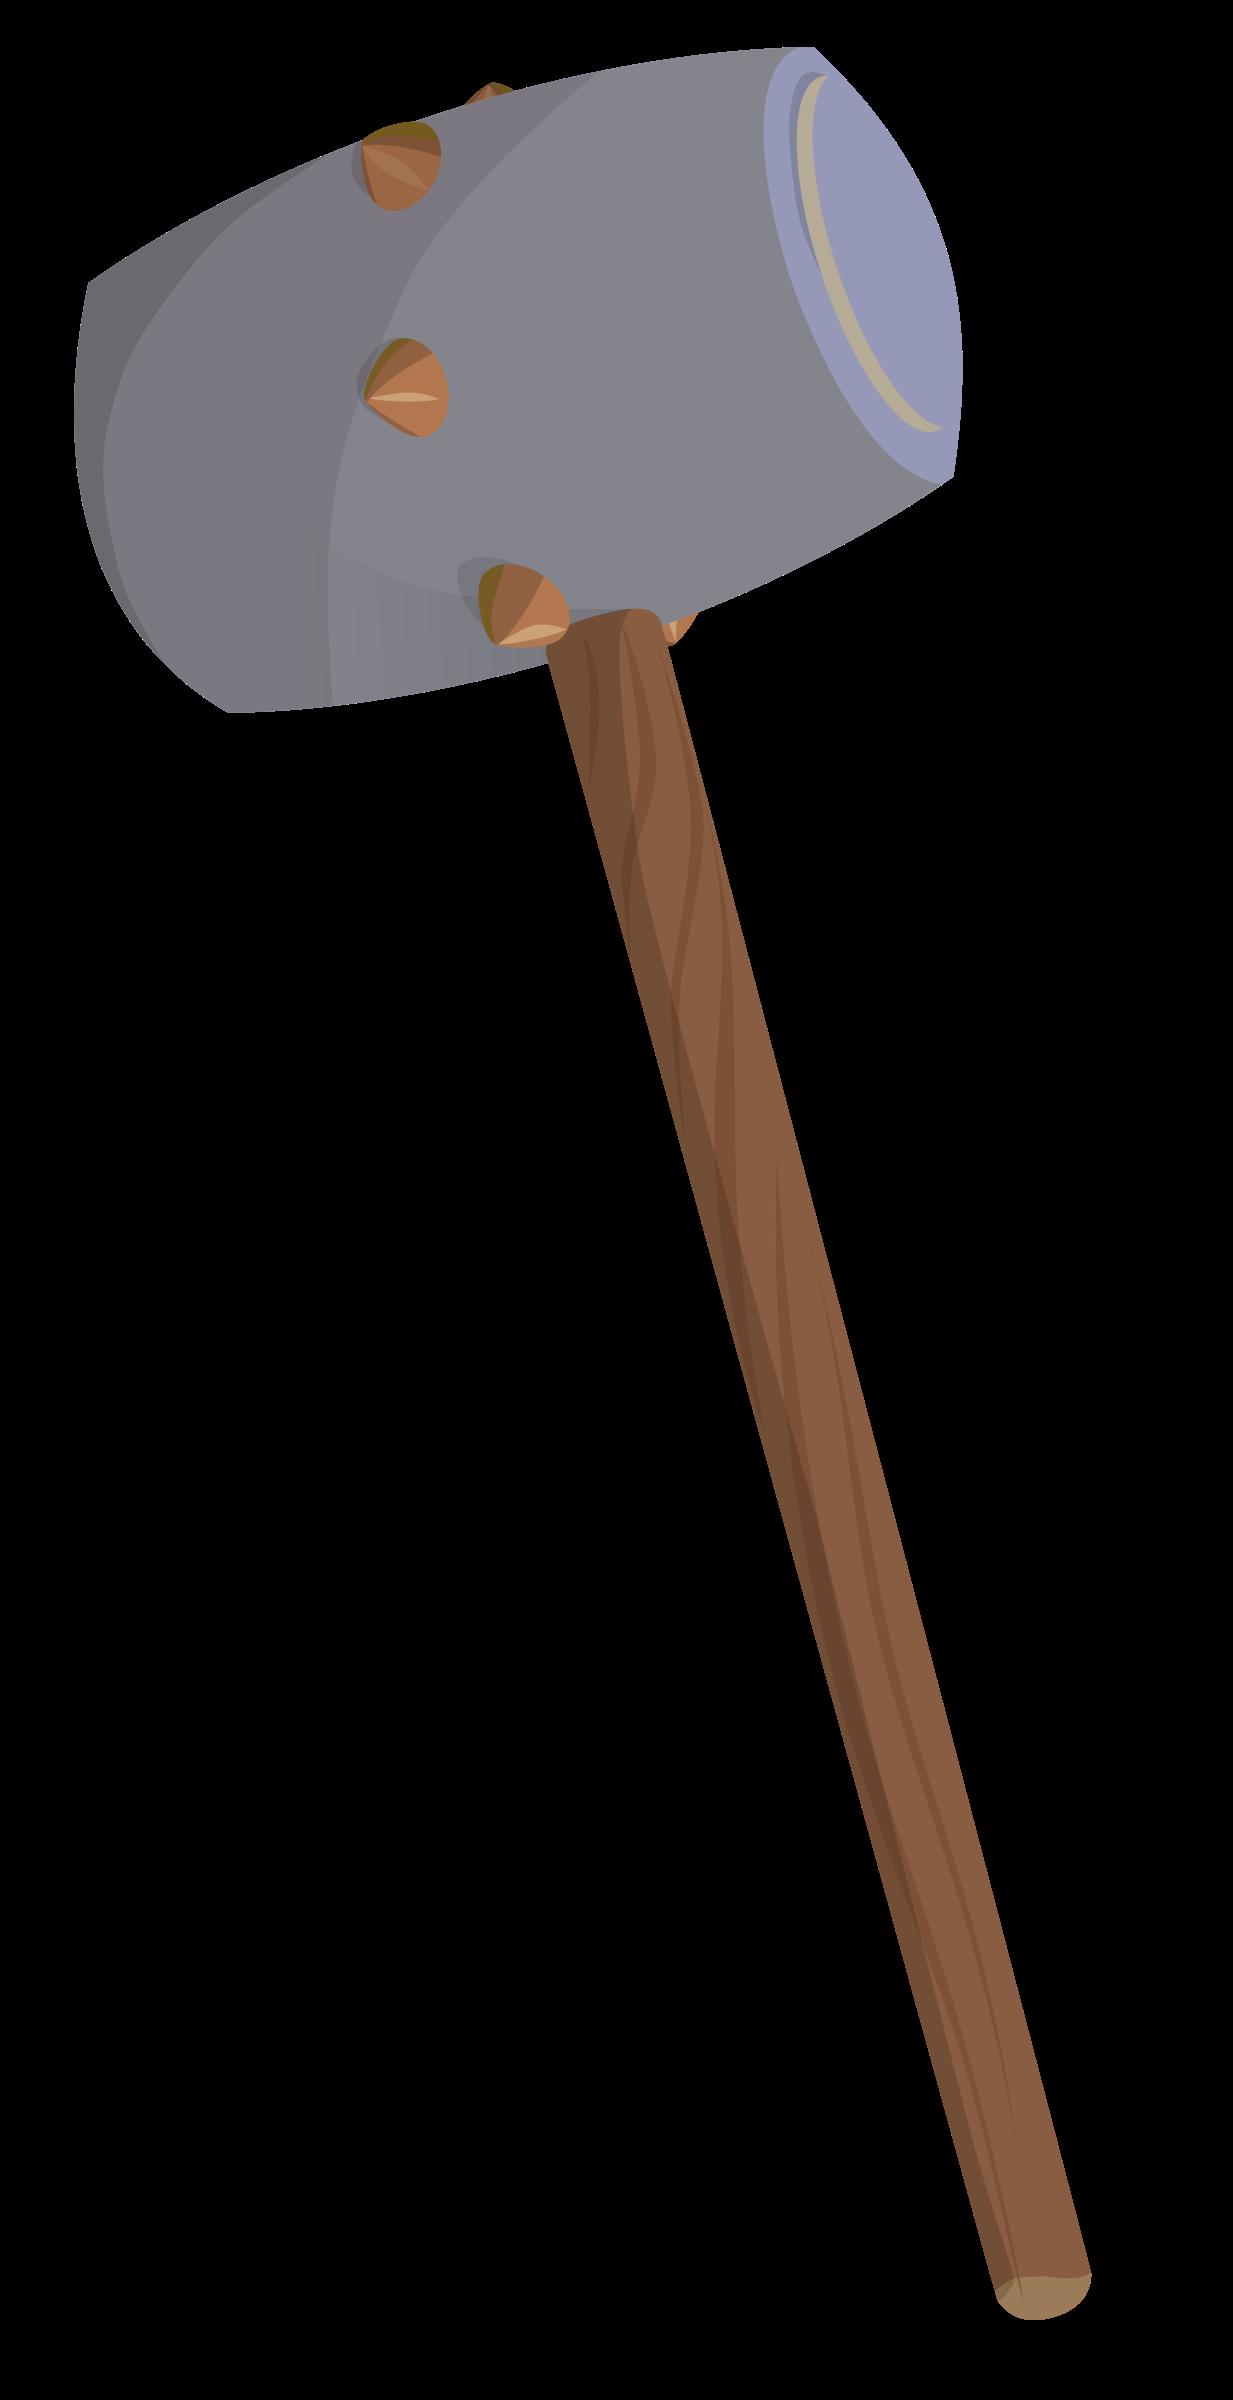 Fantasy big image png. Hammer clipart mallet hammer